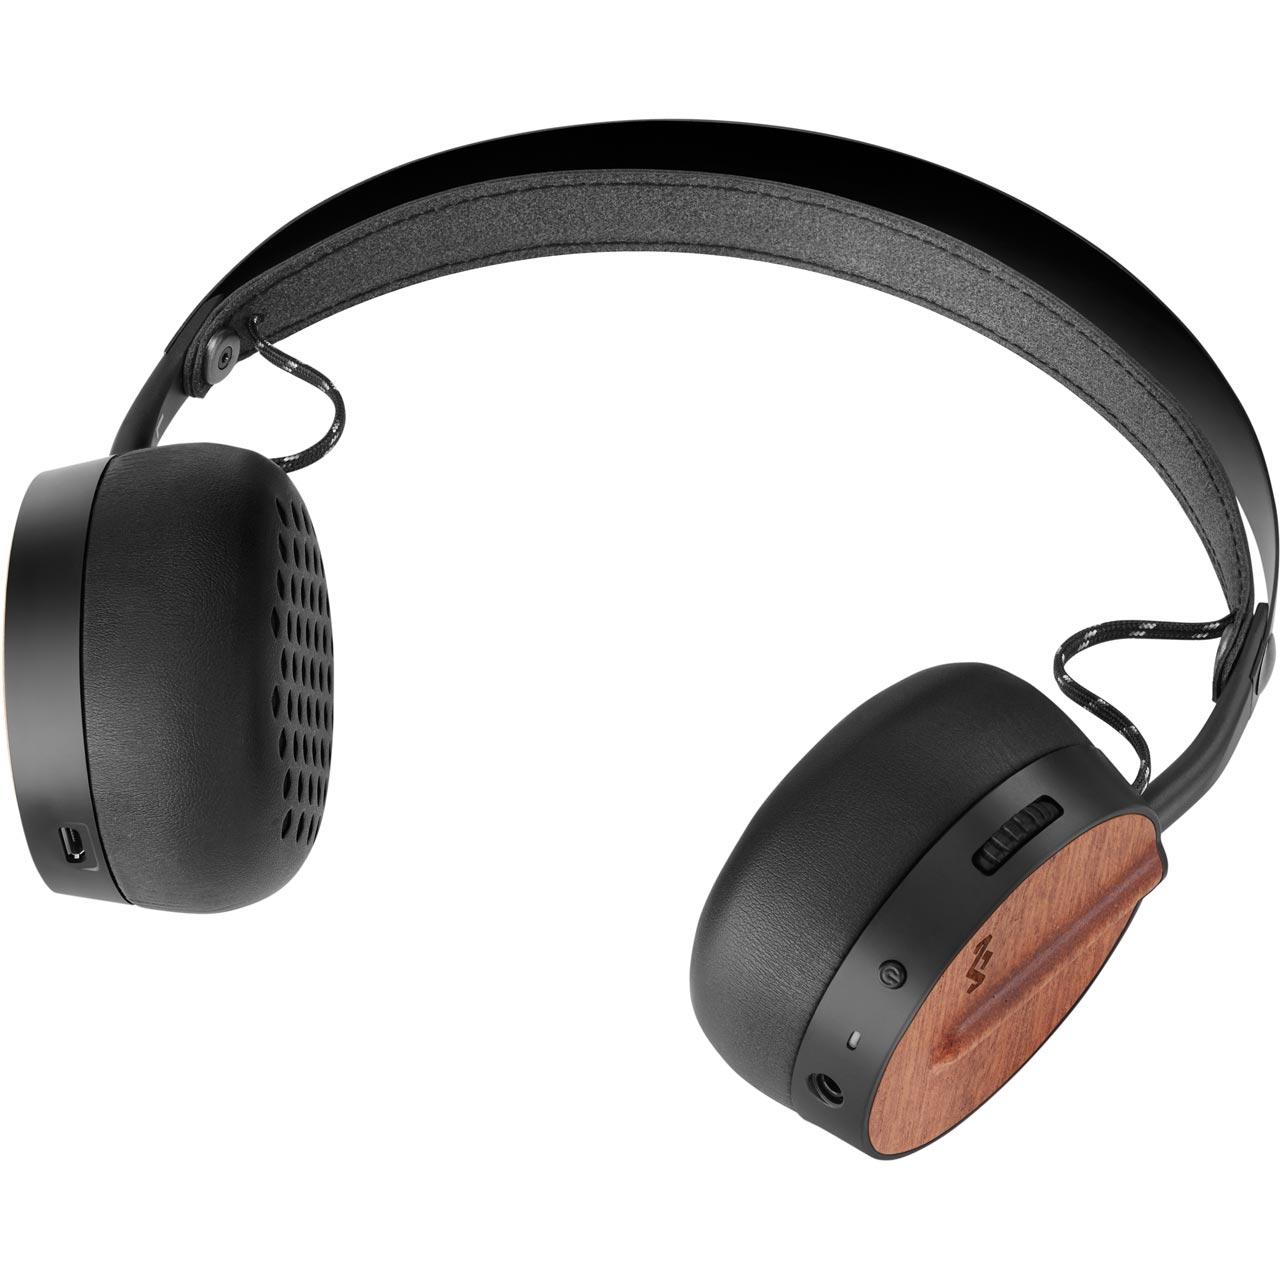 House of Marley Buffalo Soldier On-Ear Wireless Headphones - Black